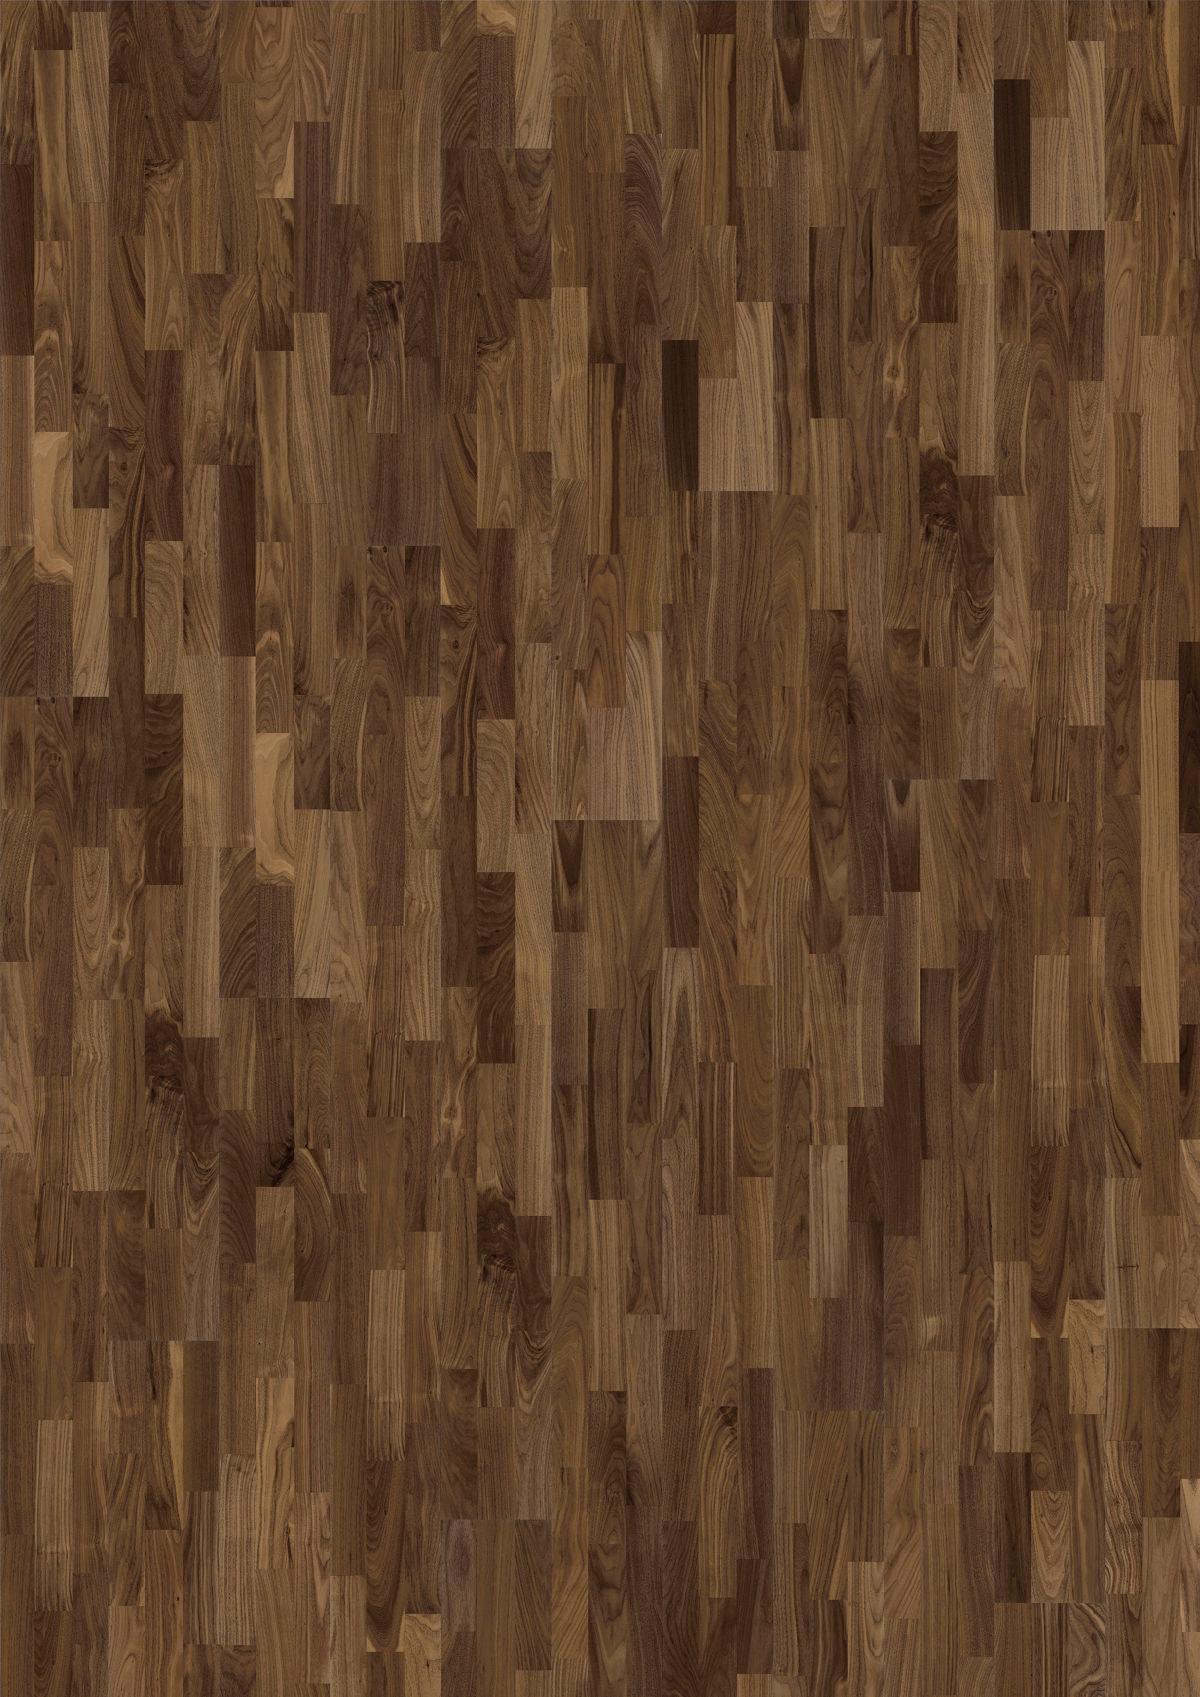 Kahrs walnut montreal engineered wood flooring for Kahrs hardwood flooring